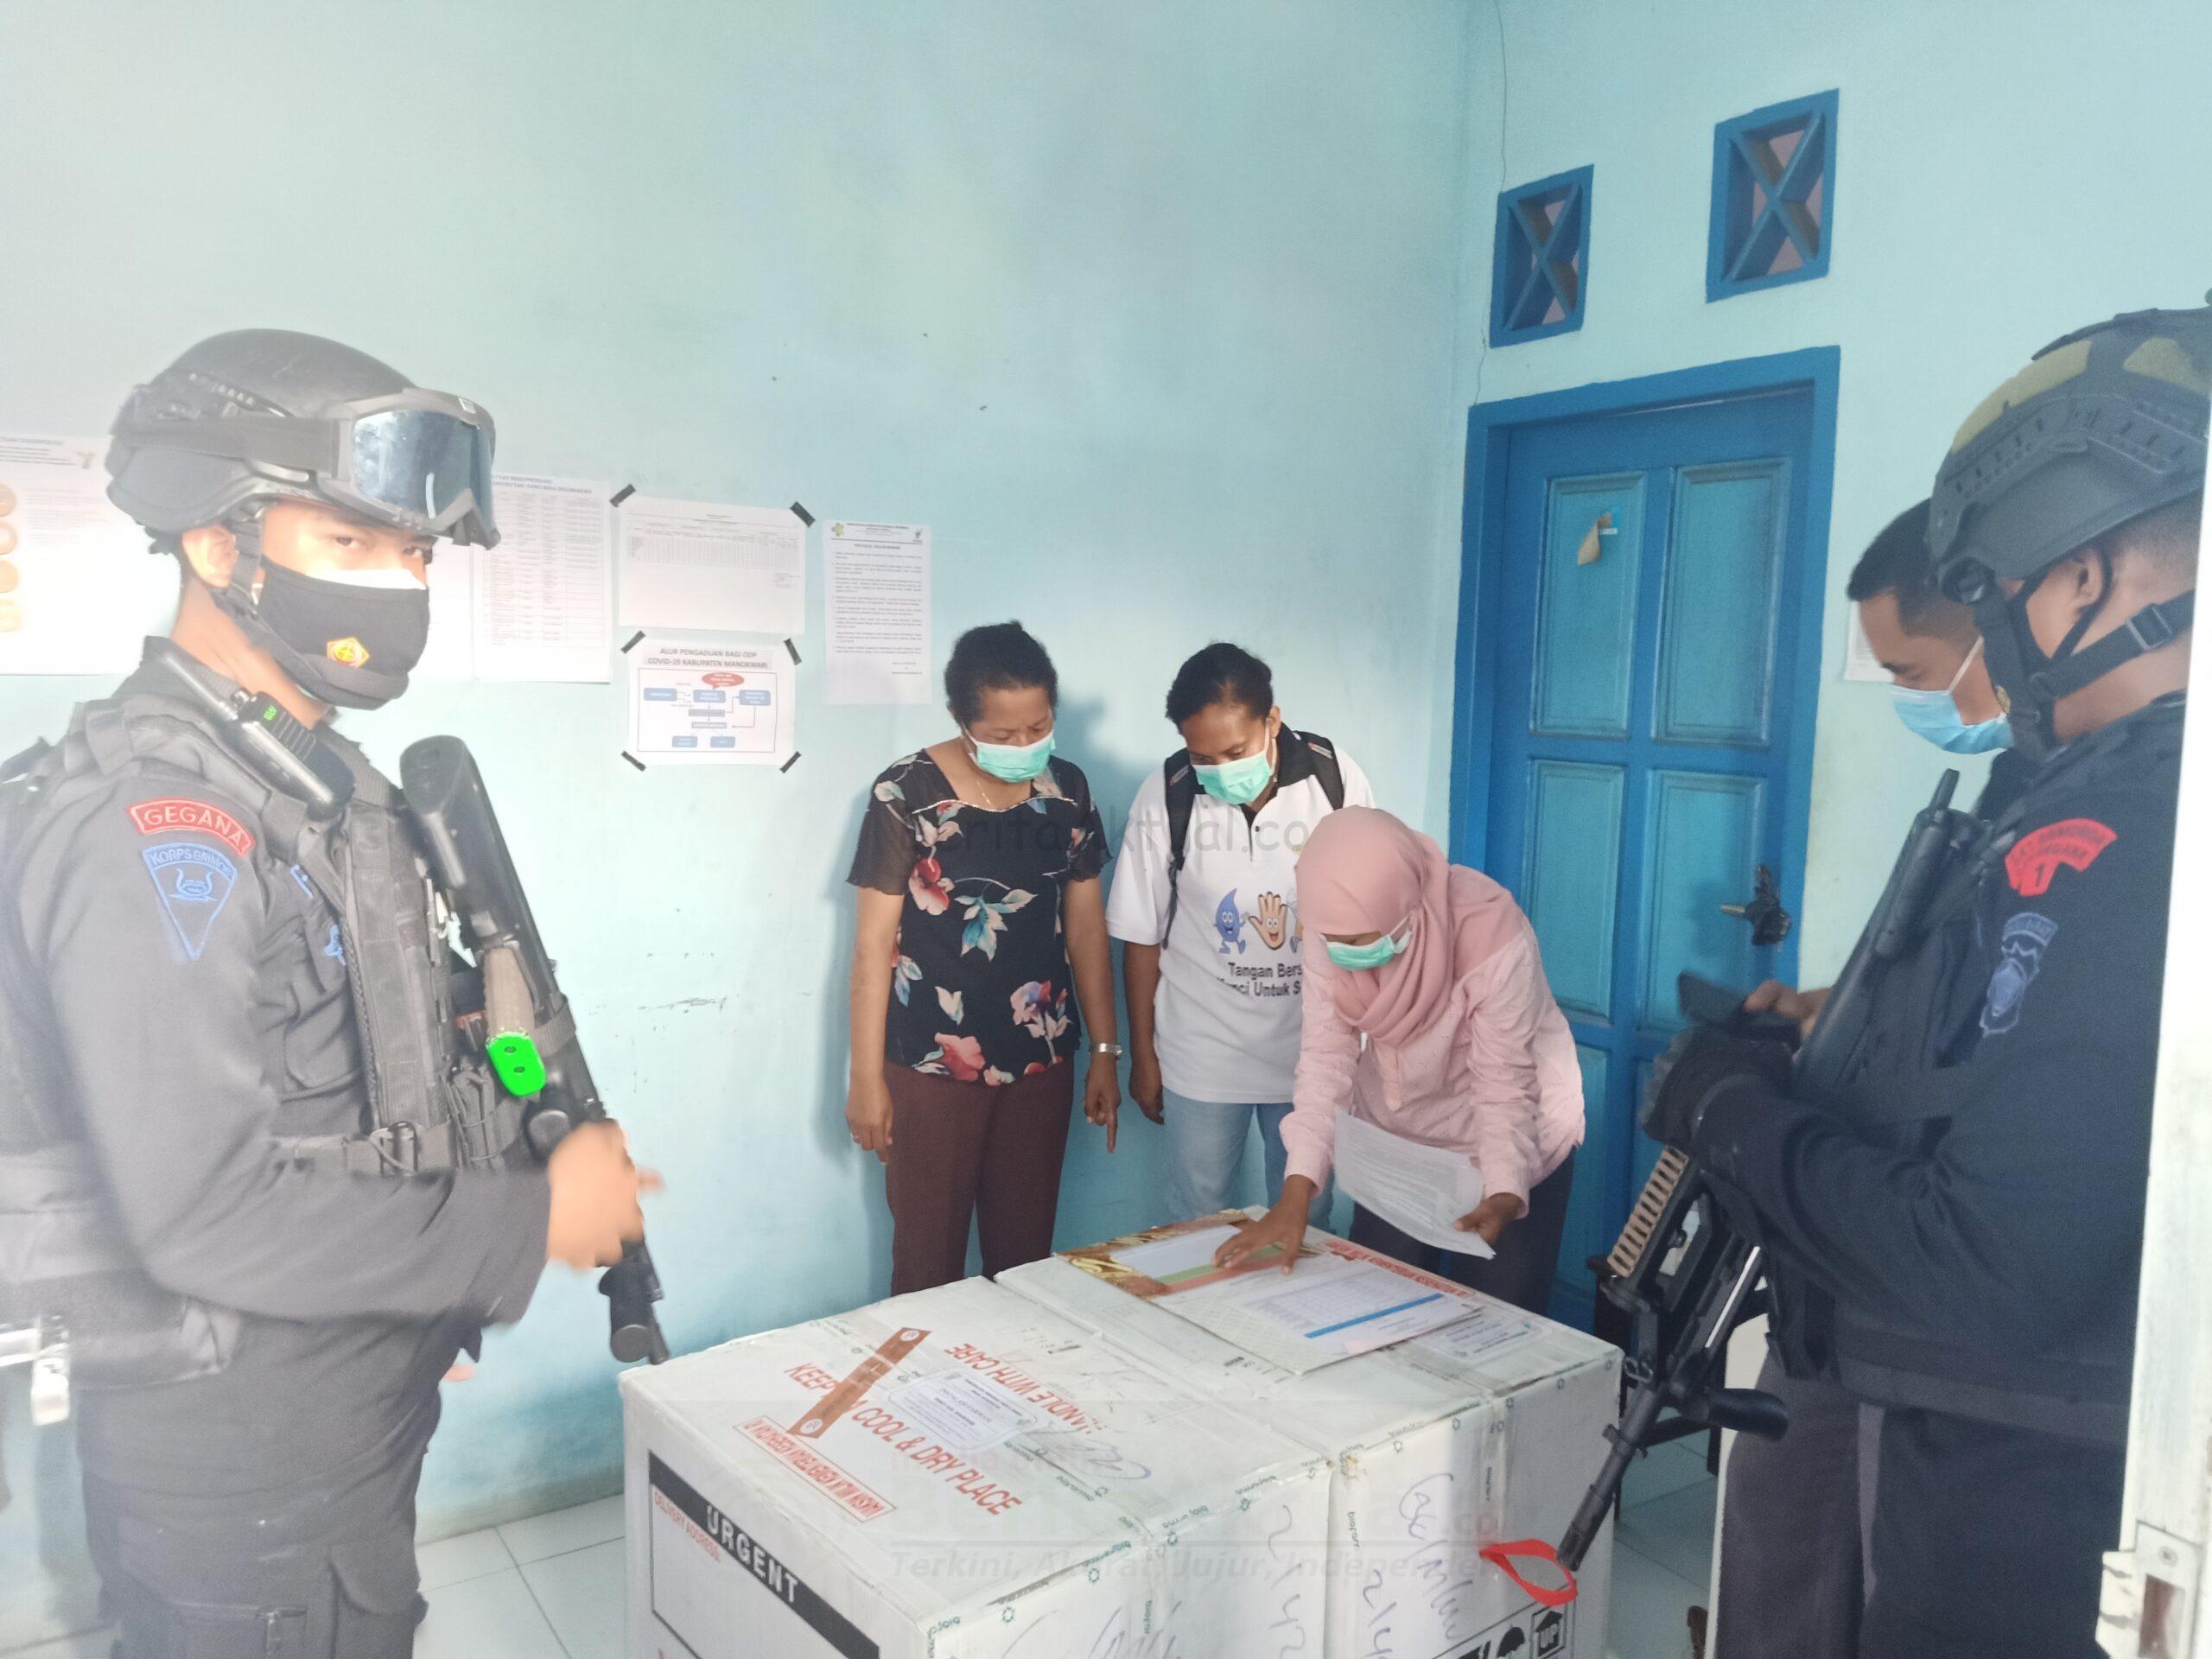 Dinas Kesehatan Papua Barat, Distribusikan 4.200 Vaksin Sinovac ke Kabupaten Manokwari 24 IMG20210117142157 scaled